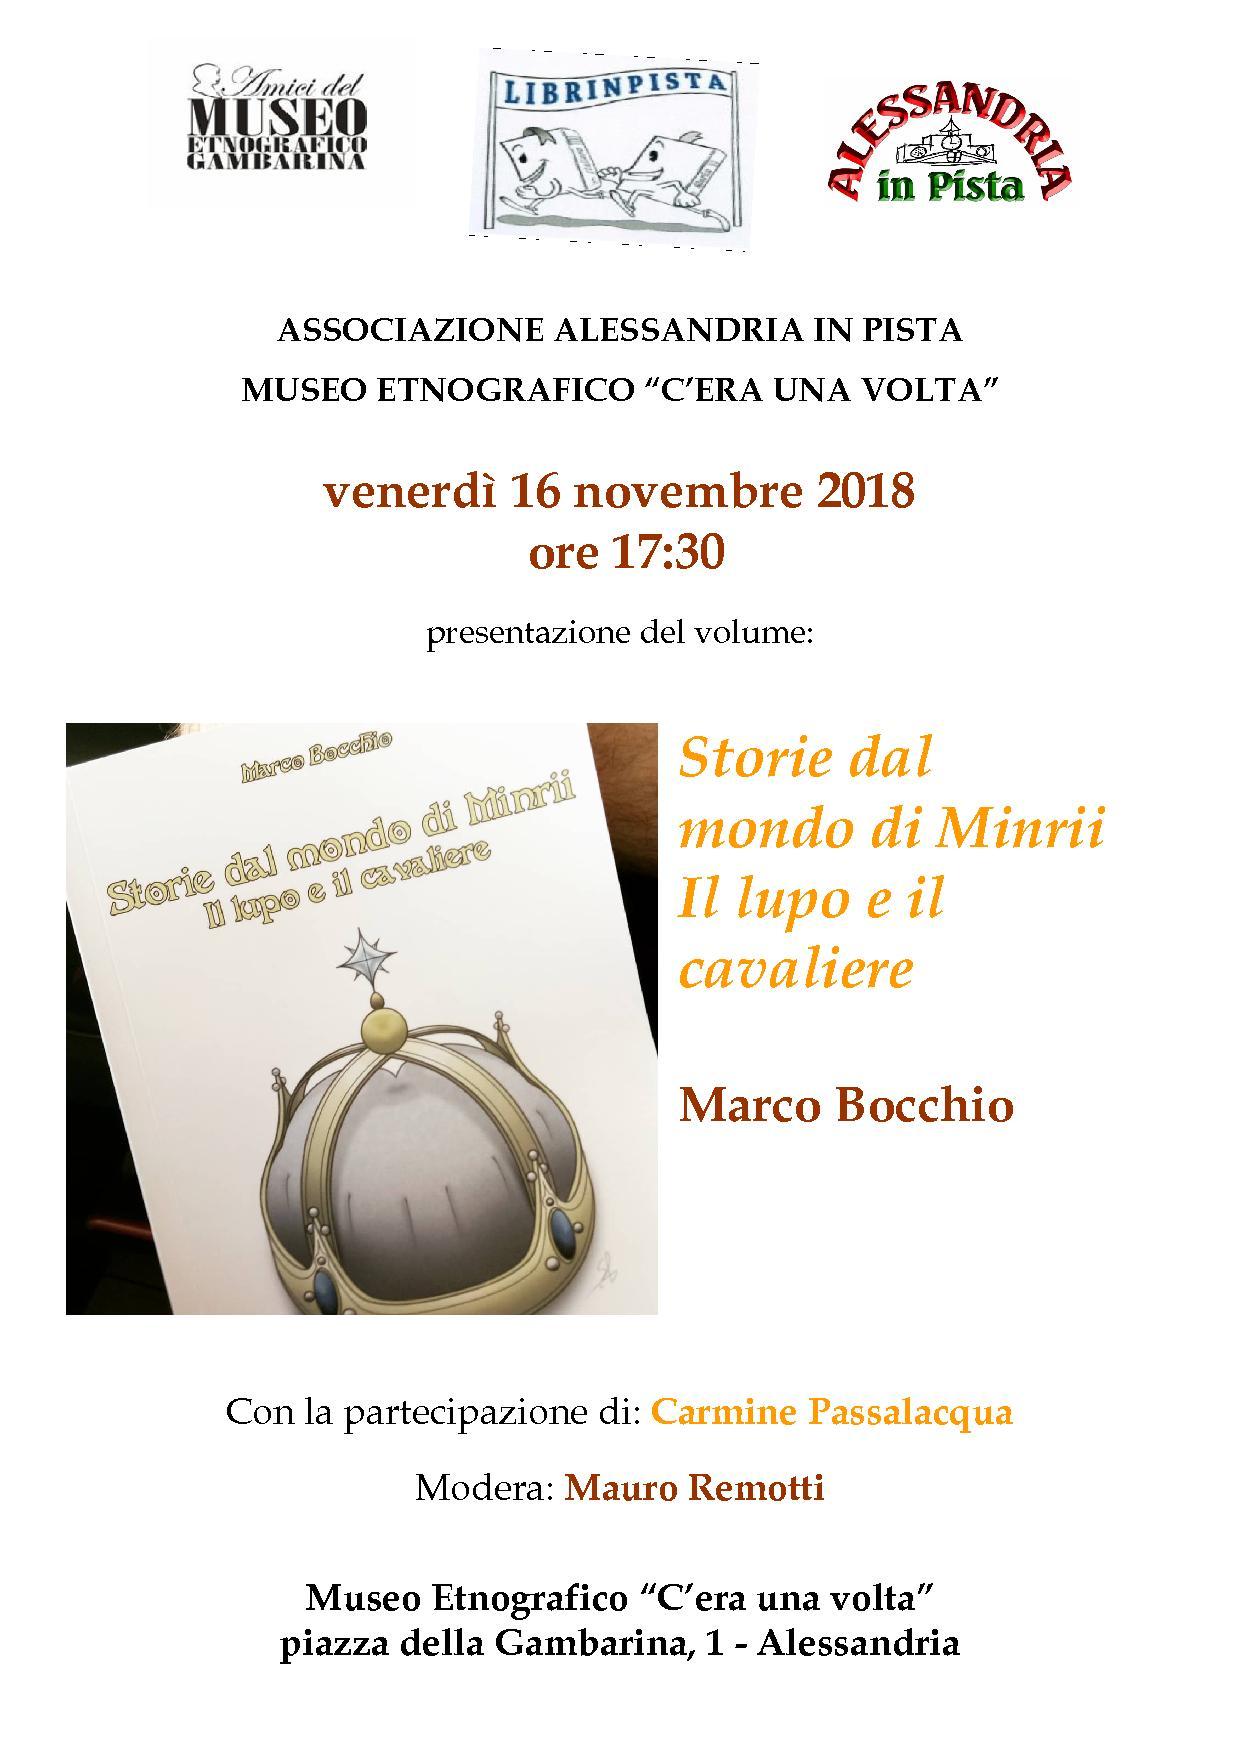 ass locandina_Librinpista_16_11_2018